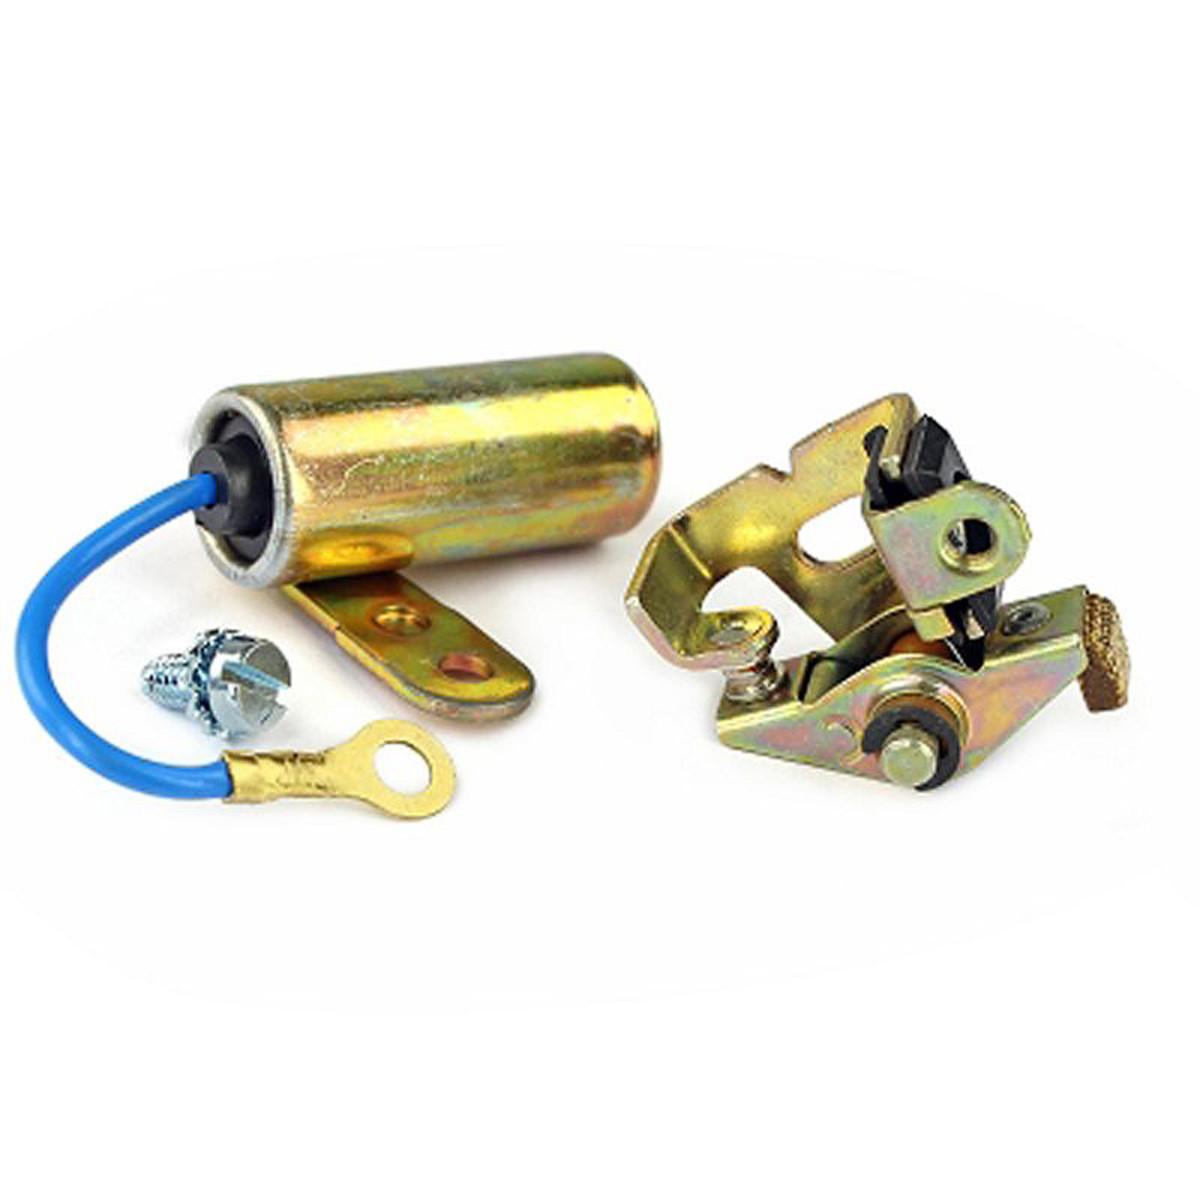 Rupteur + Condensateur Allumage PEUGEOT 103 à Volant Etoile